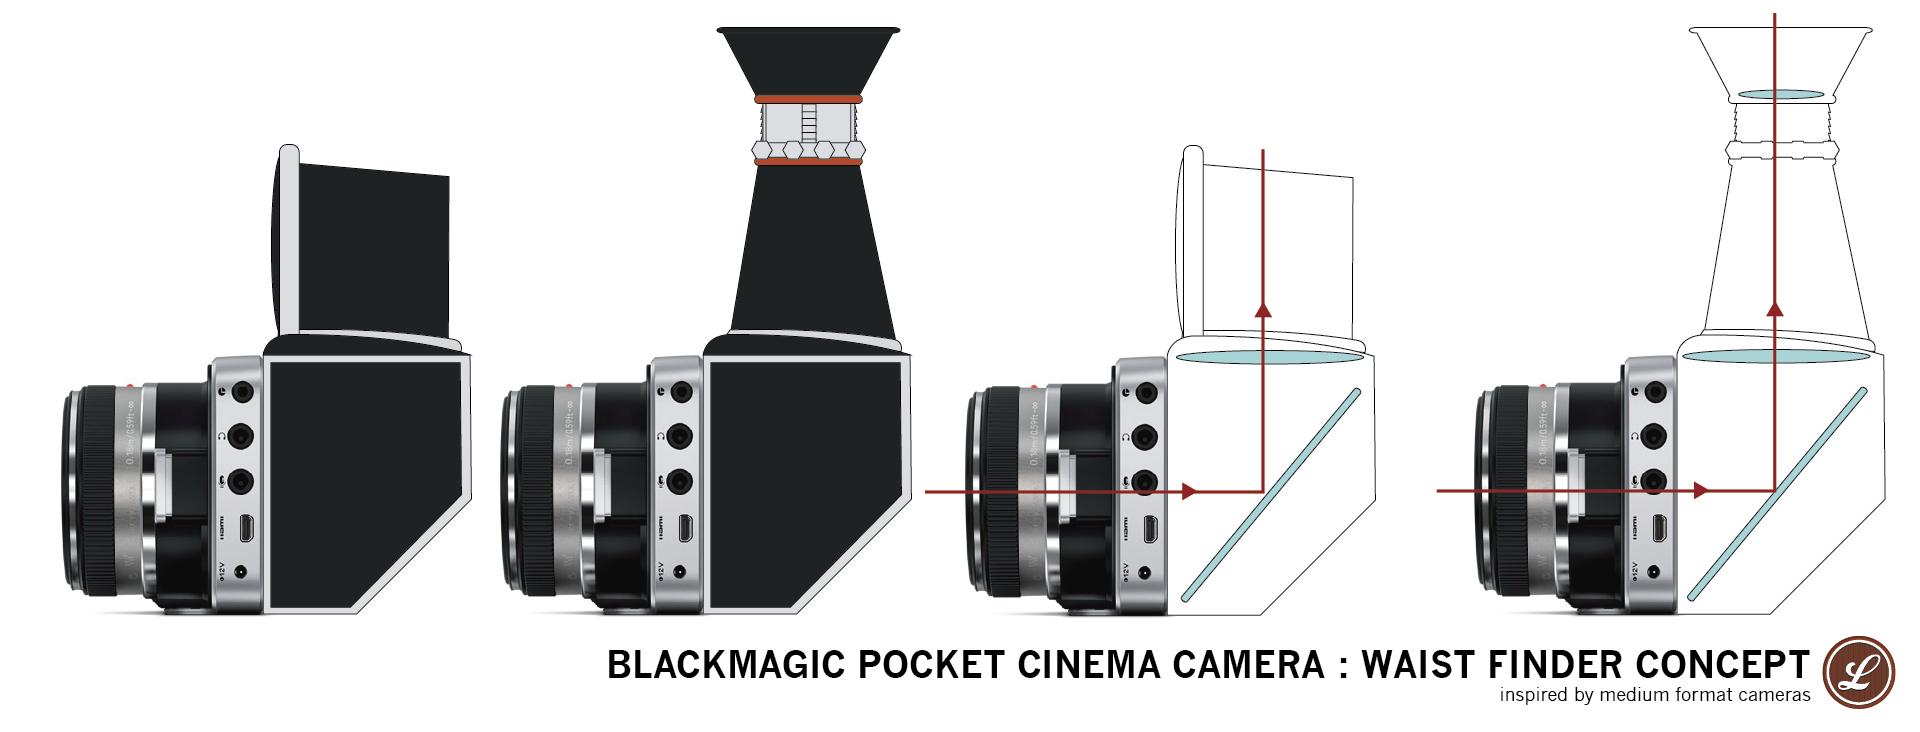 conceptviewfinder